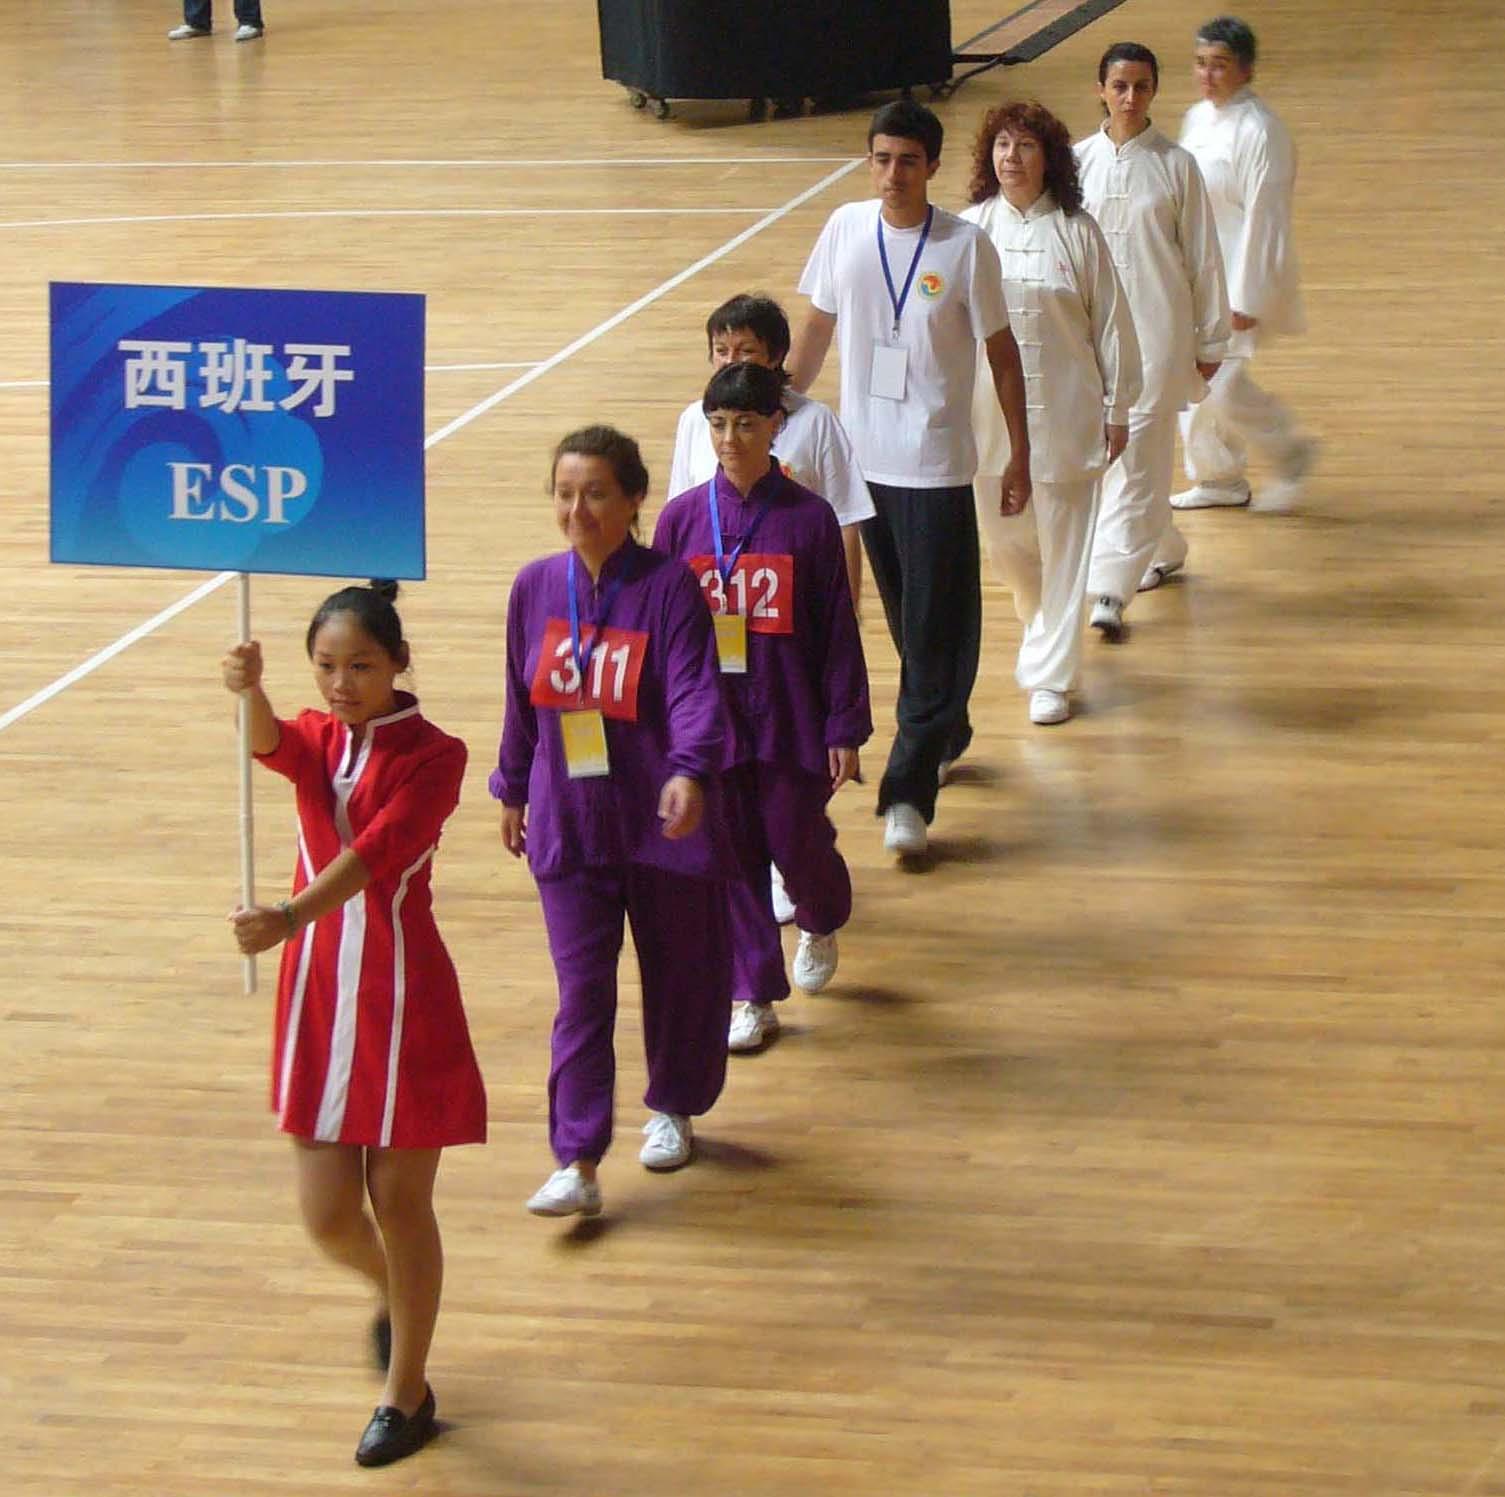 El Instituto de Qigong participa en el 3º Encuentro Internacional organizado por la Chinese Health Qigong Association en Shanghai